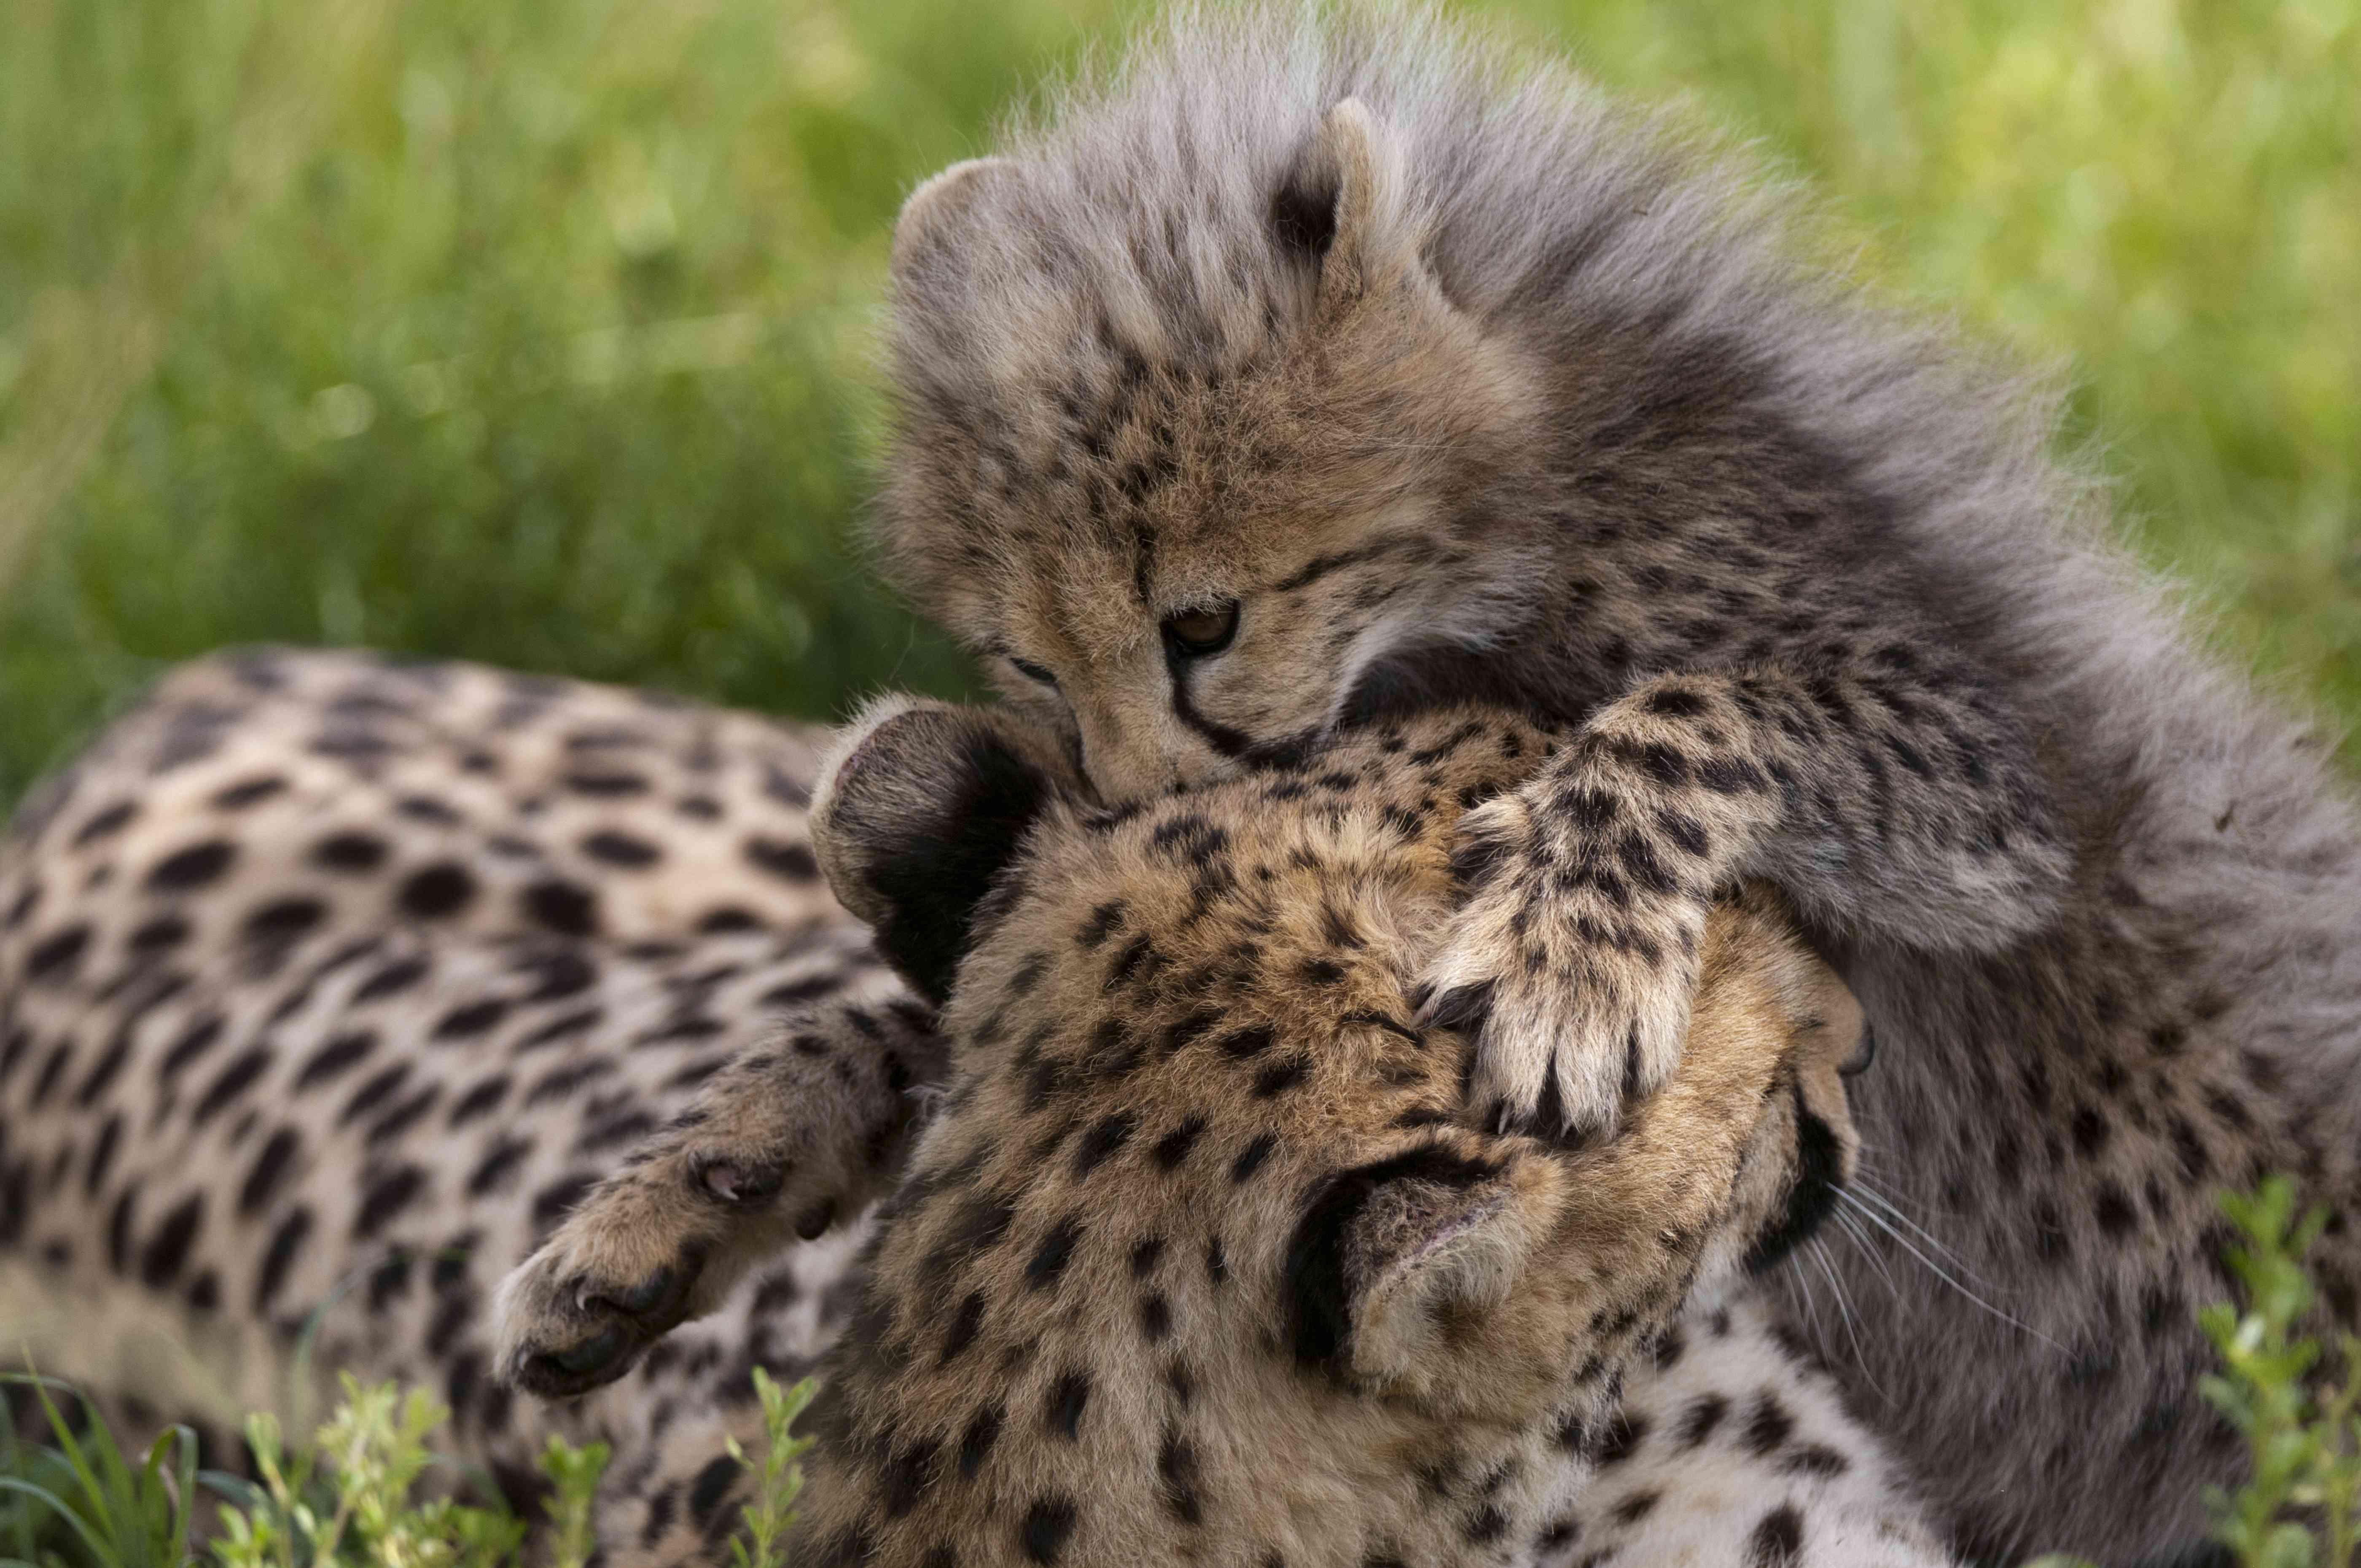 Cheetah (Acynonix jubatus) and cub, Masai Mara National Reserve, Kenya